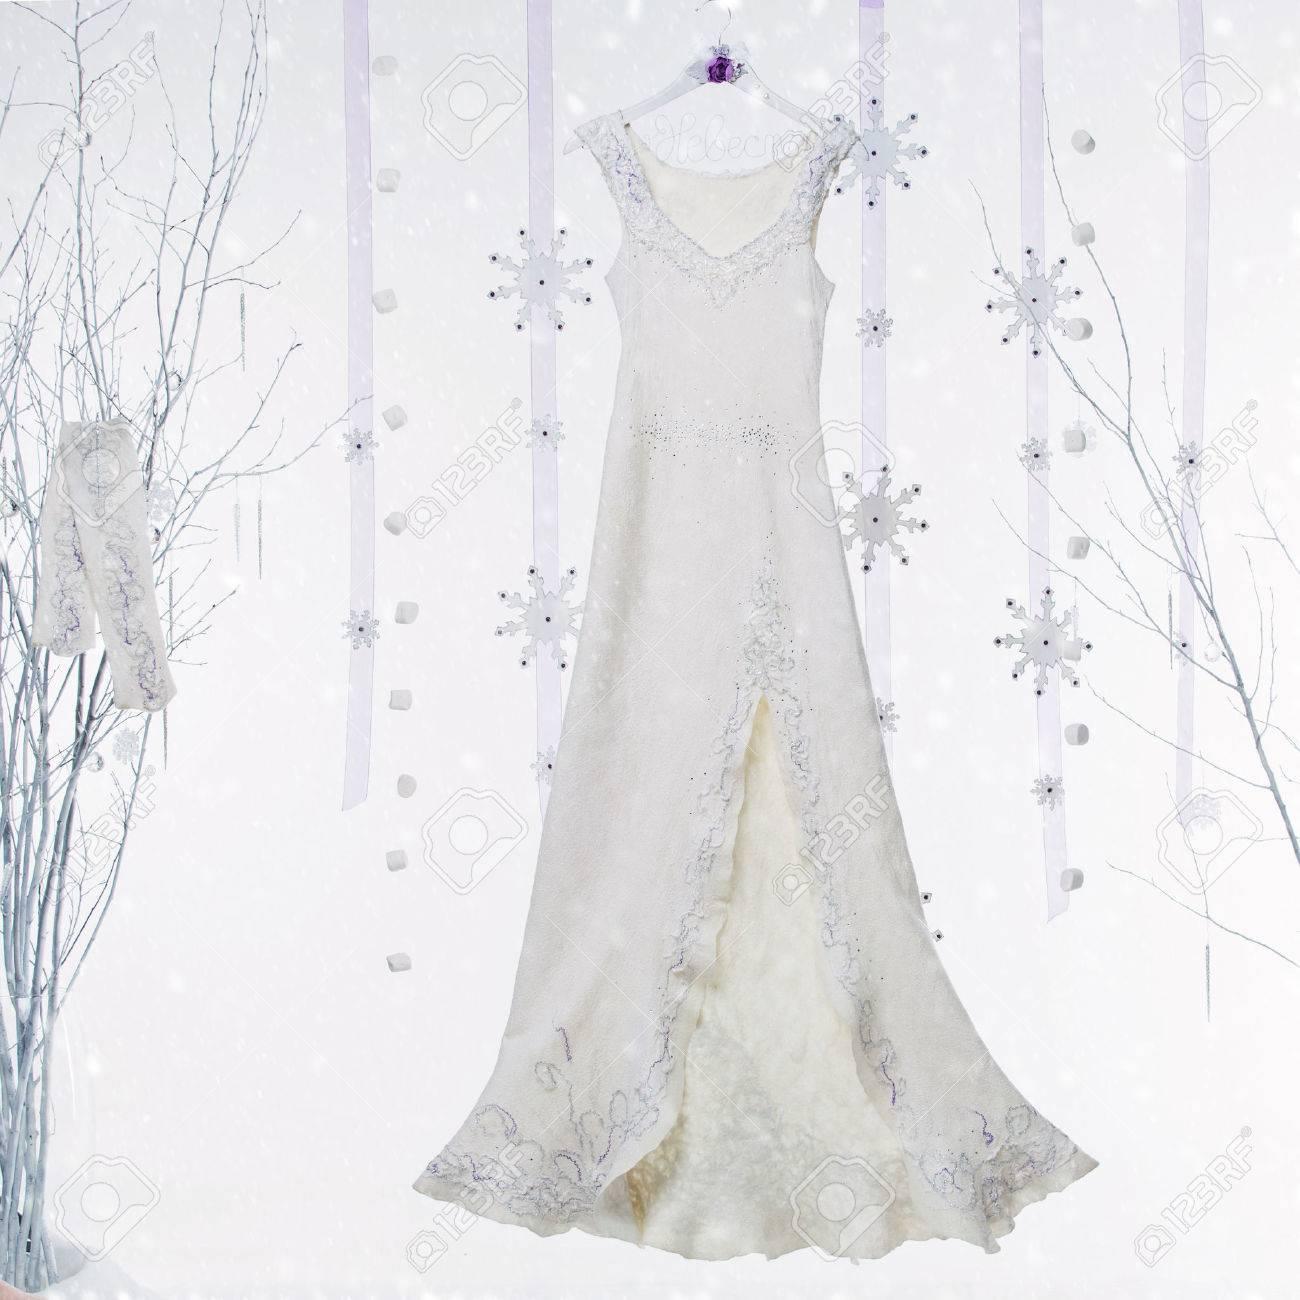 Schönes Weißes Langes Gefilztes Hochzeitskleid Mit Lila Details ...